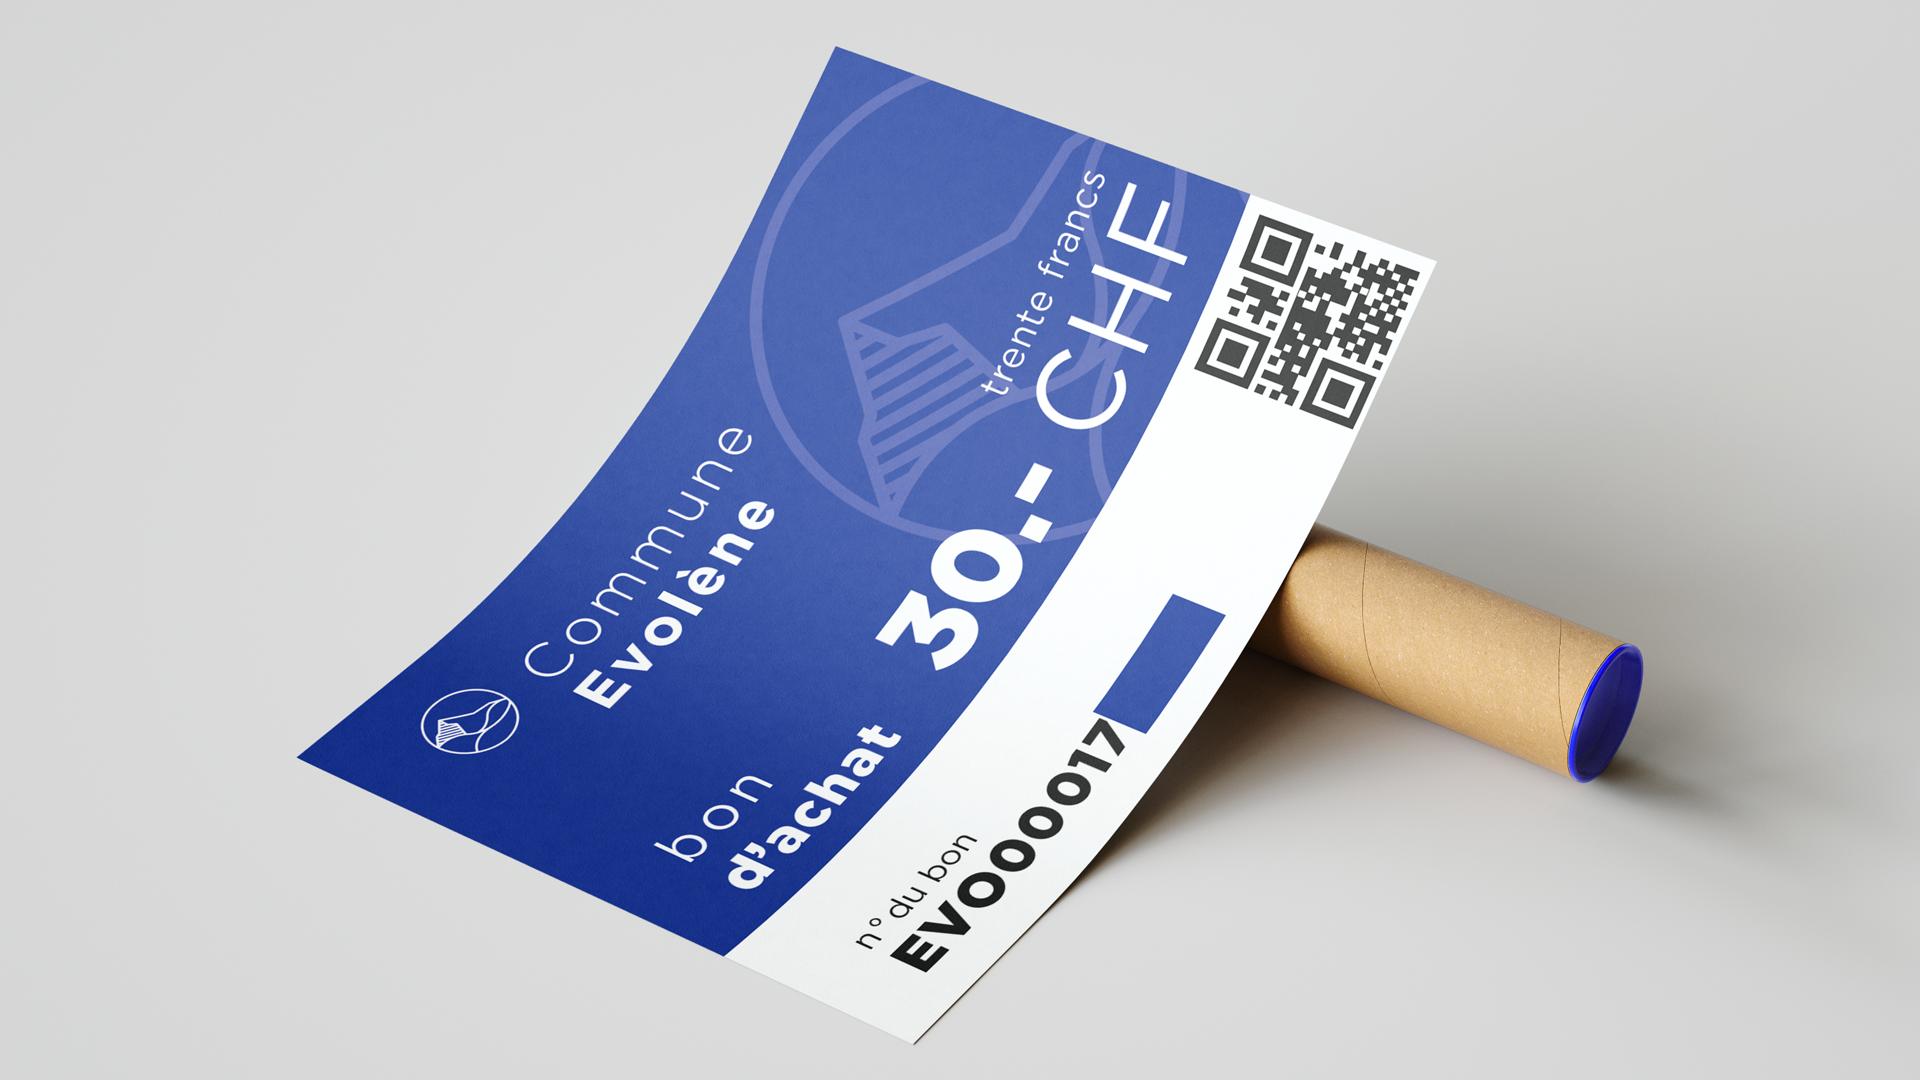 Nous équipons des communes avec des systèmes numériques de bons d'achat.